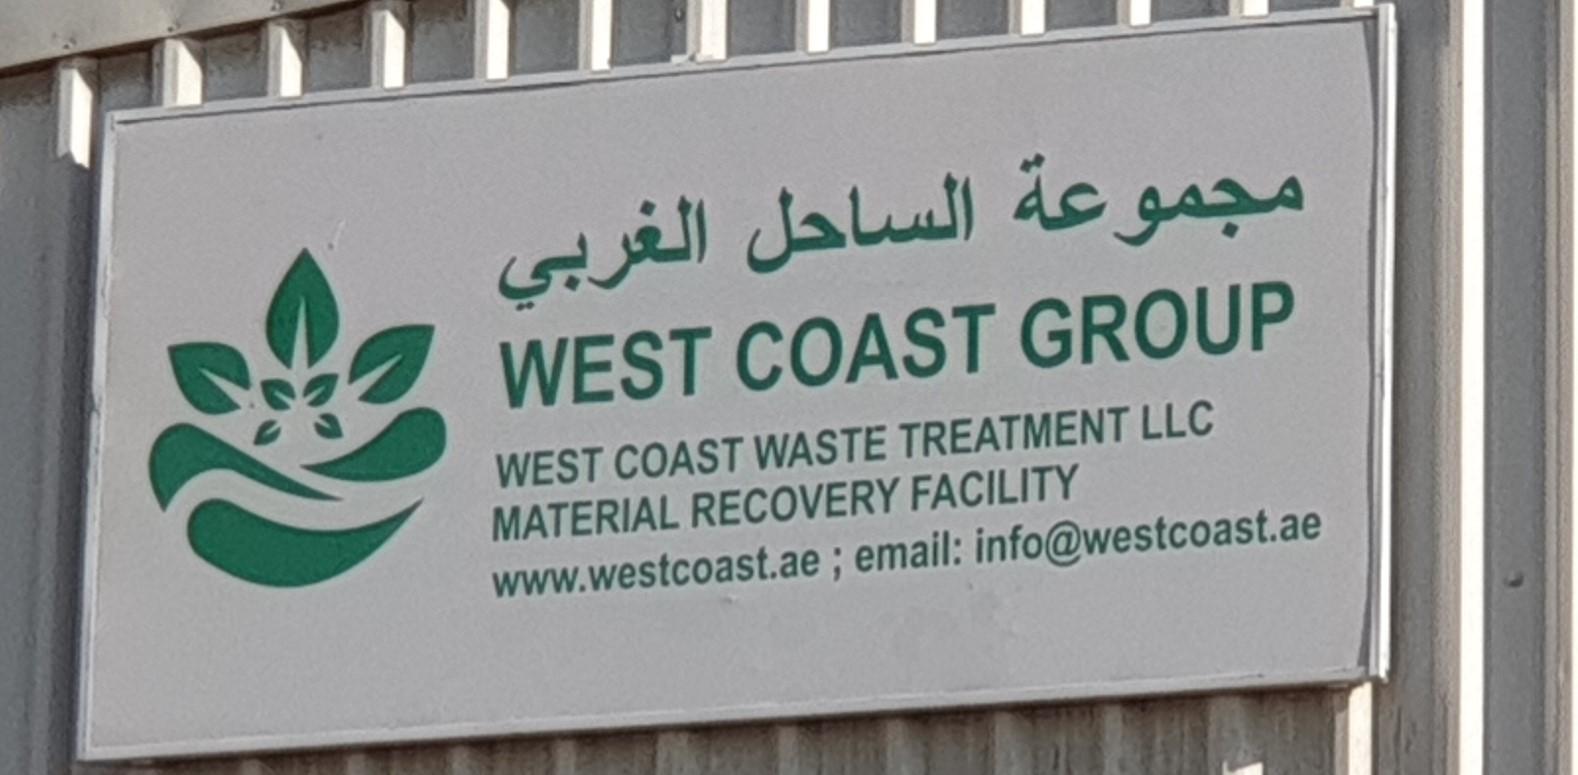 West Coast Group